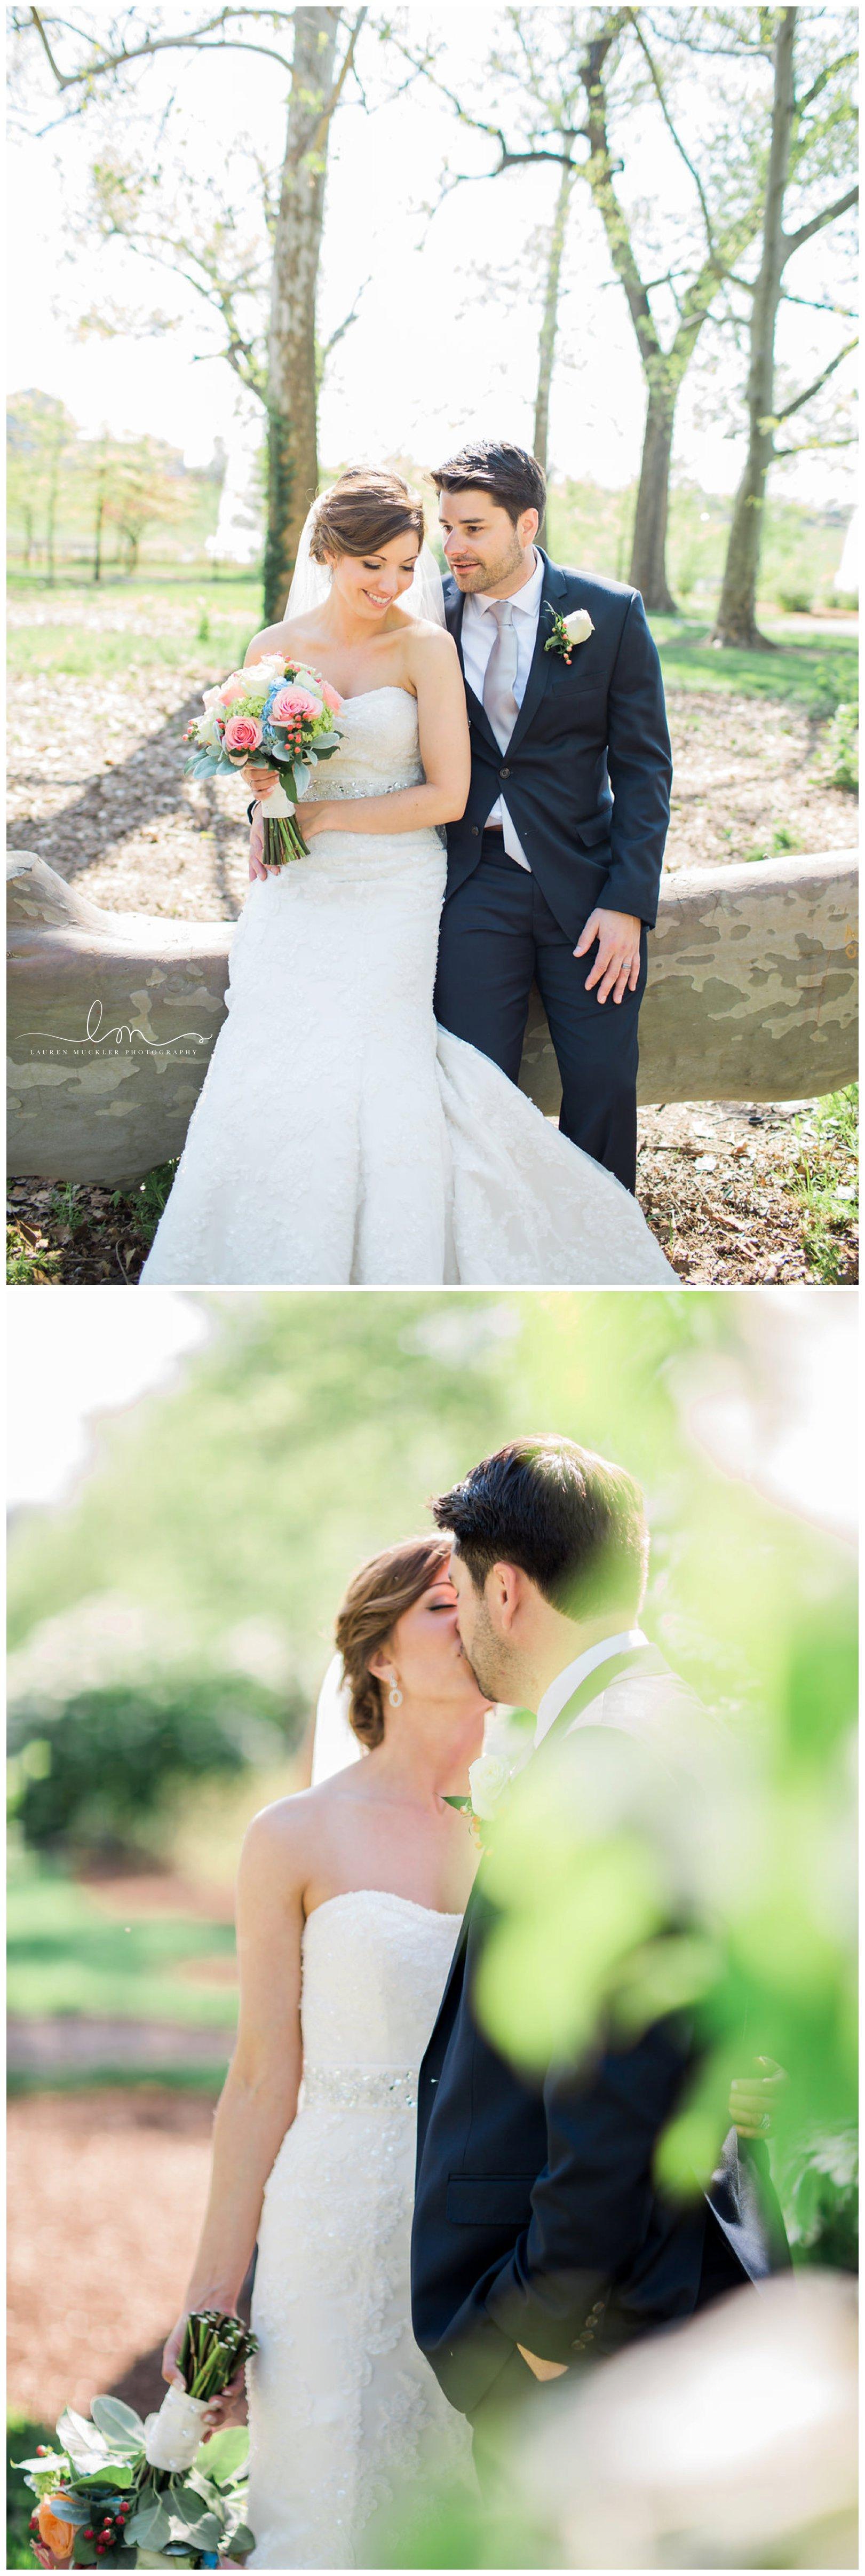 lauren muckler photography_fine art film wedding photography_st louis_photography_0018.jpg